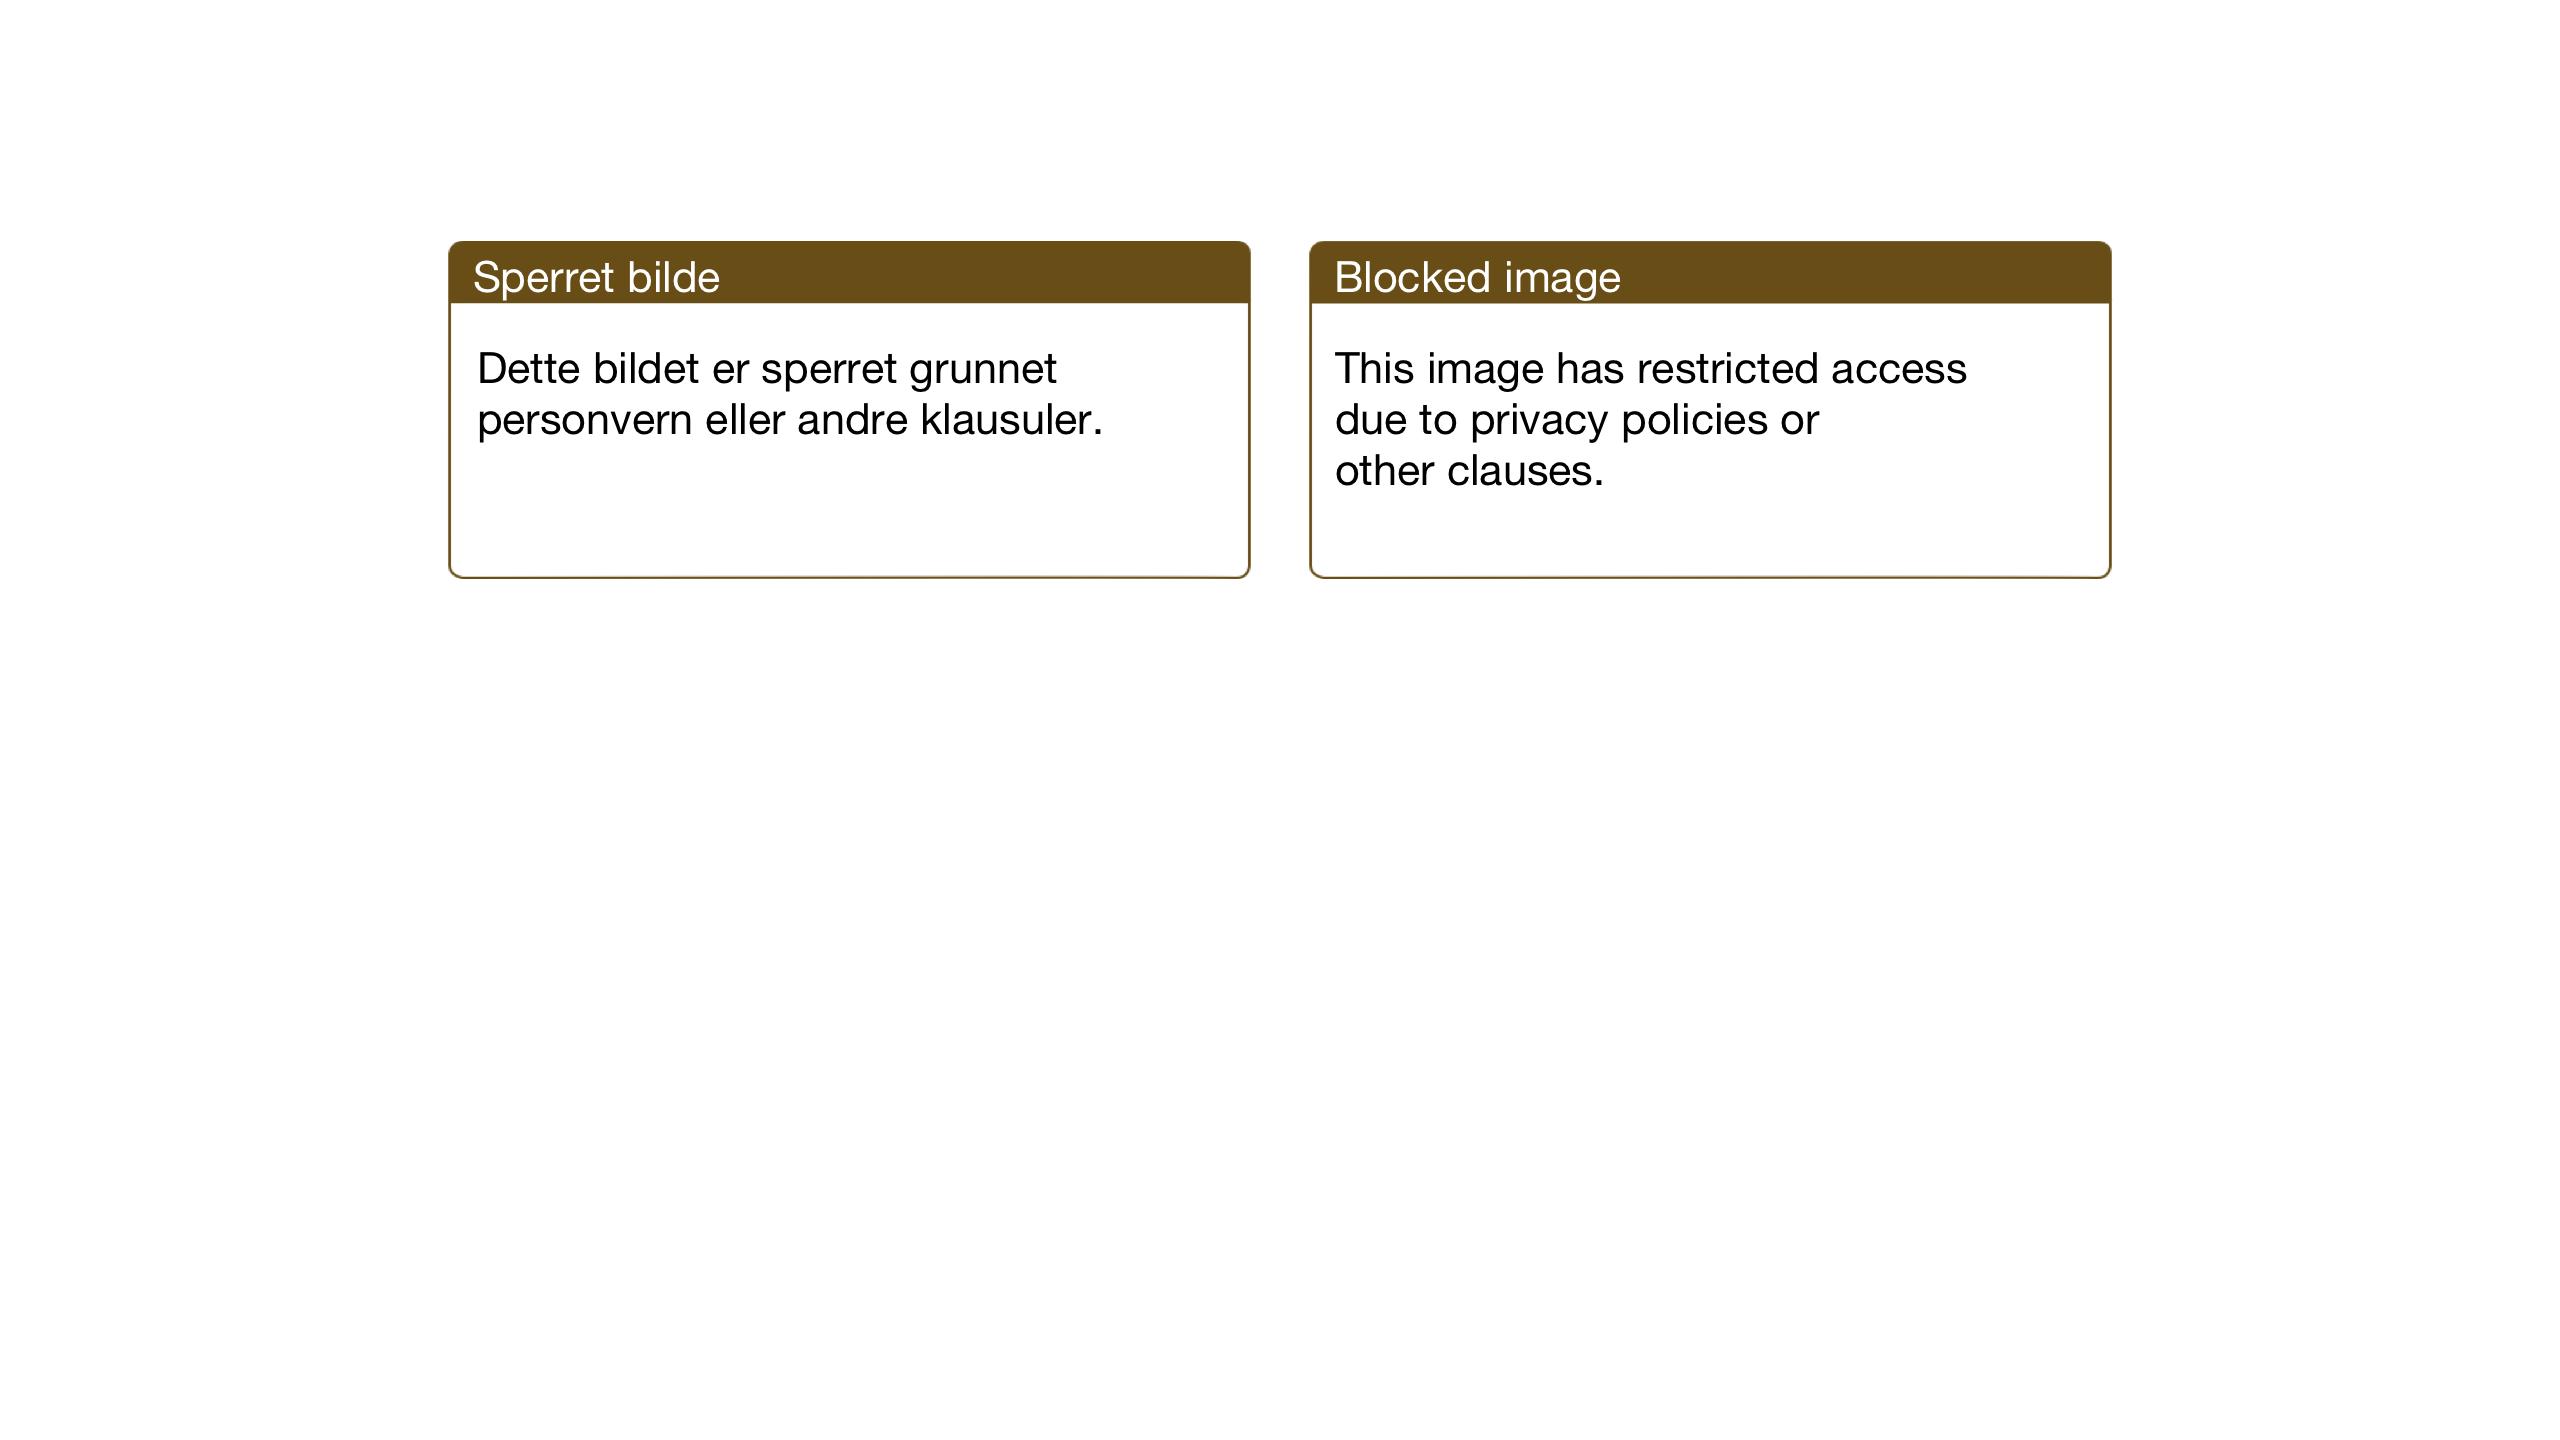 SAT, Ministerialprotokoller, klokkerbøker og fødselsregistre - Sør-Trøndelag, 682/L0947: Klokkerbok nr. 682C01, 1926-1968, s. 142